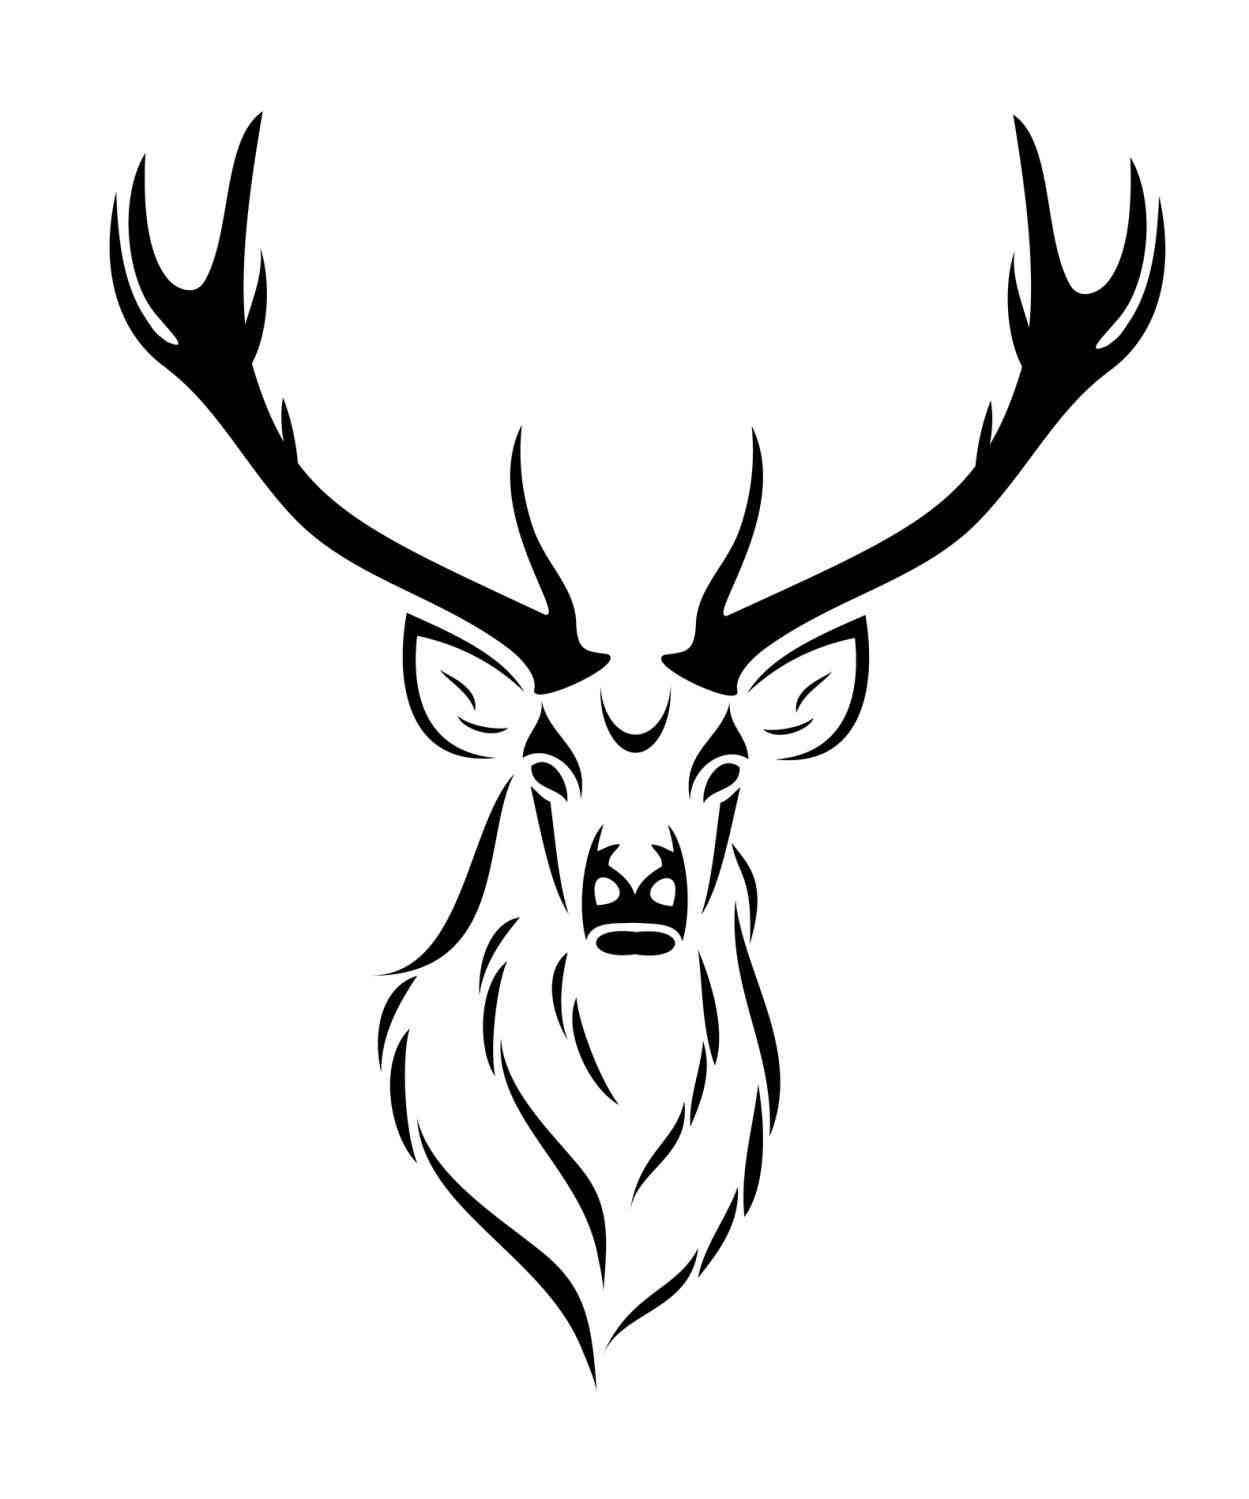 1249x1499 Deer Antler Drawing Deer Antler Drawing Designs